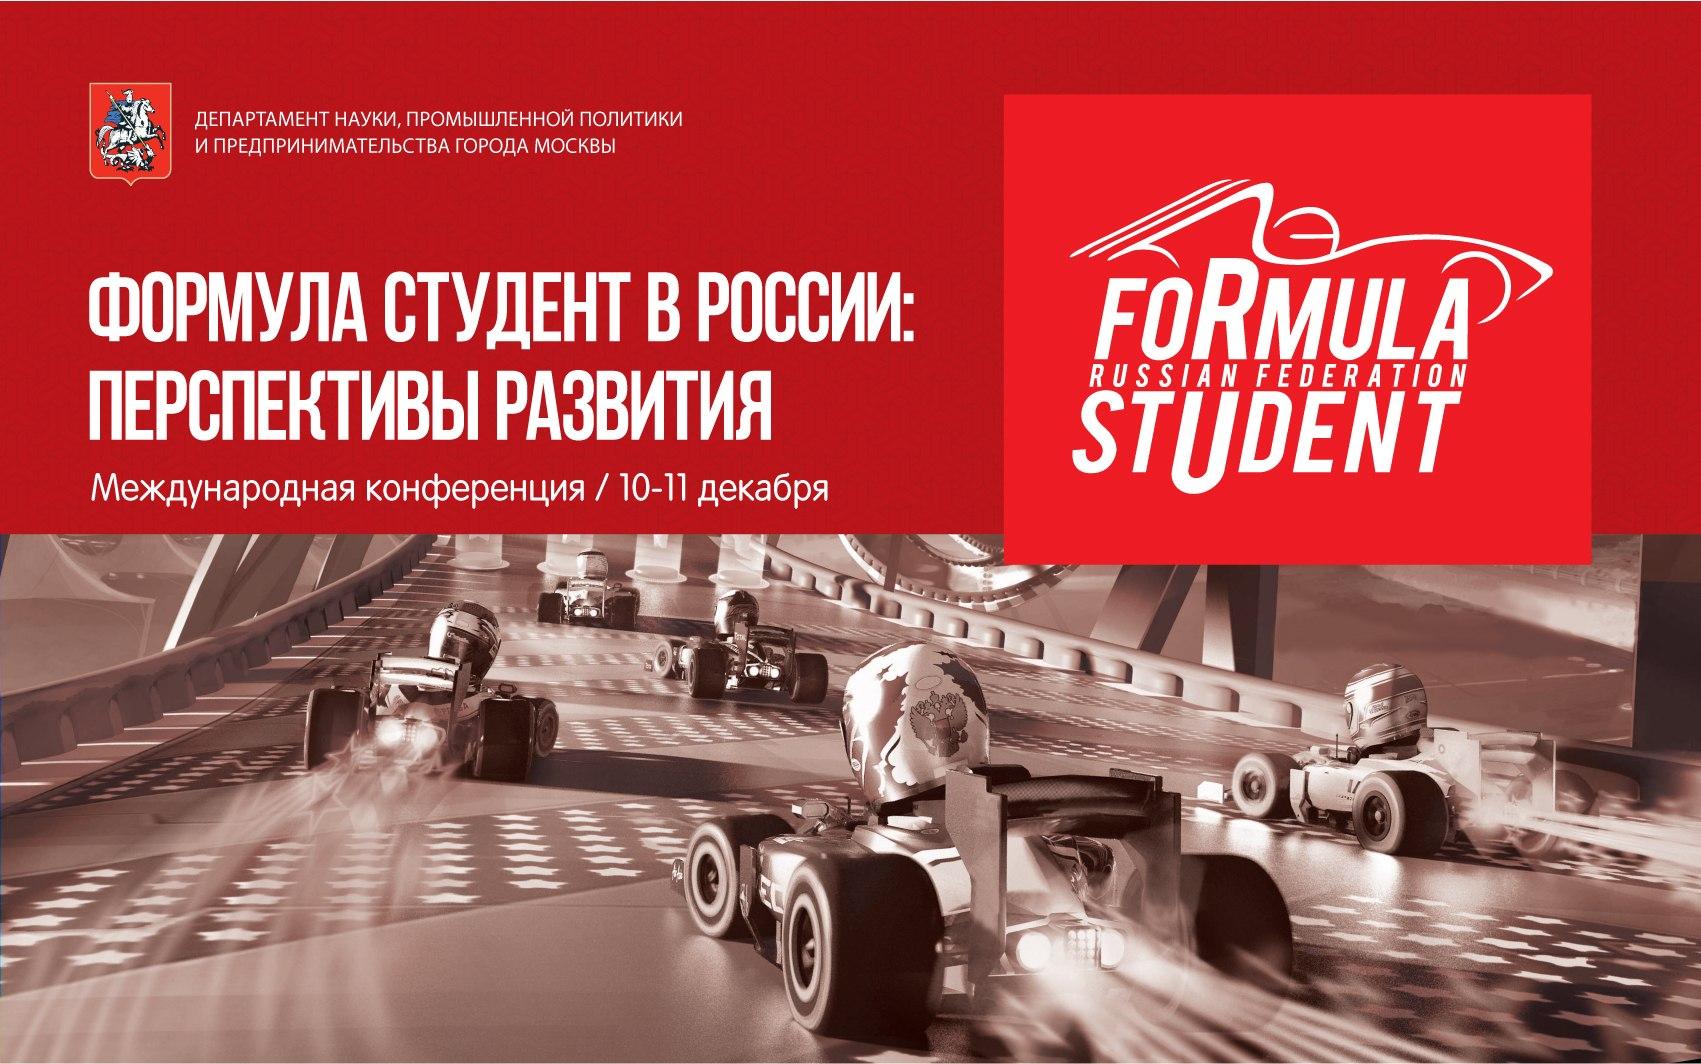 FS Russia